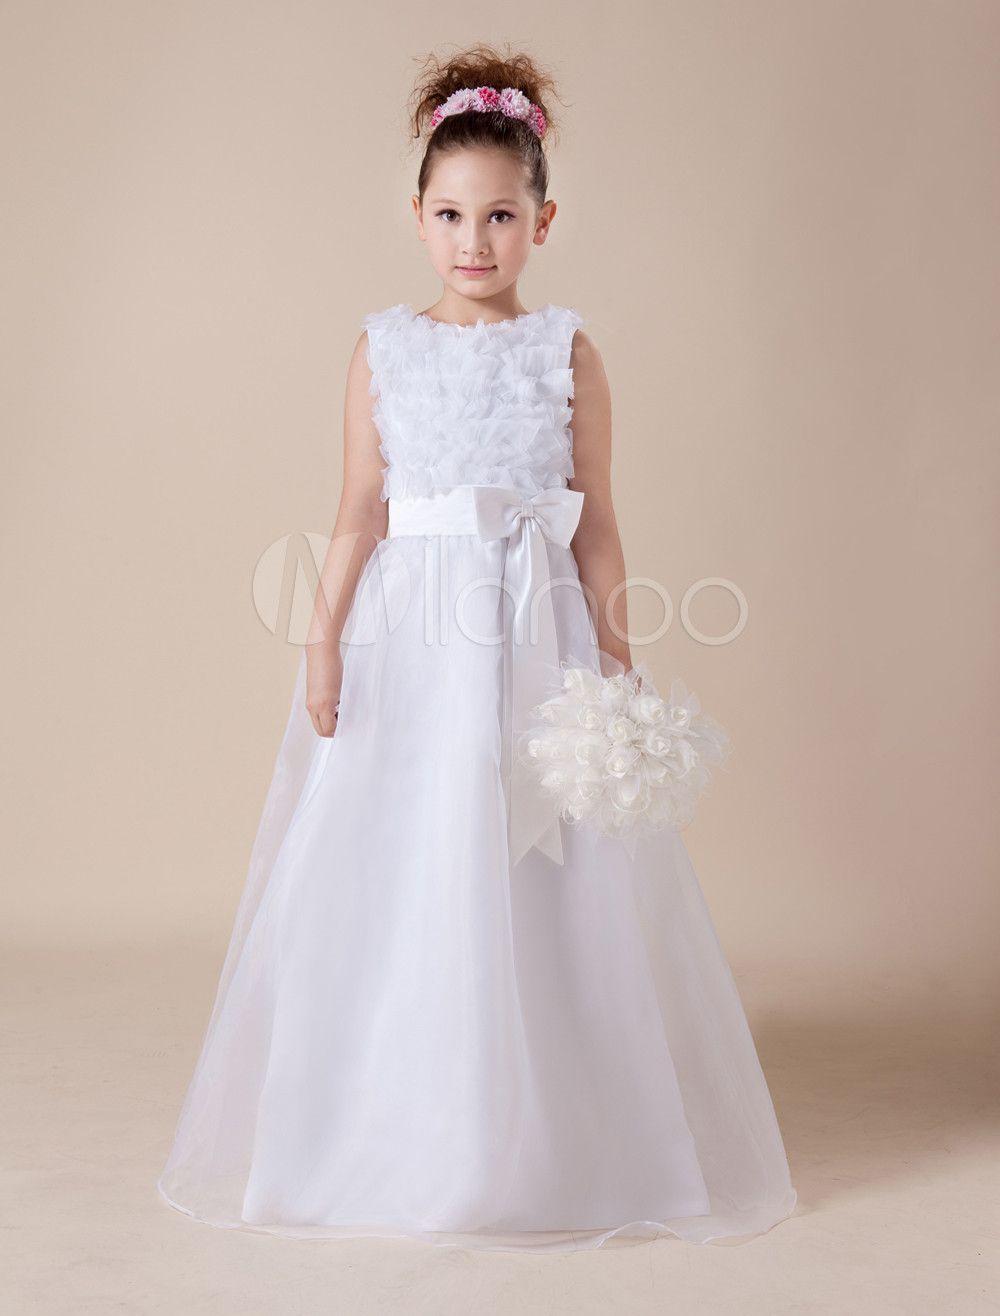 White Soft Tulle Flower Girl Dress Cute Children Pinterest